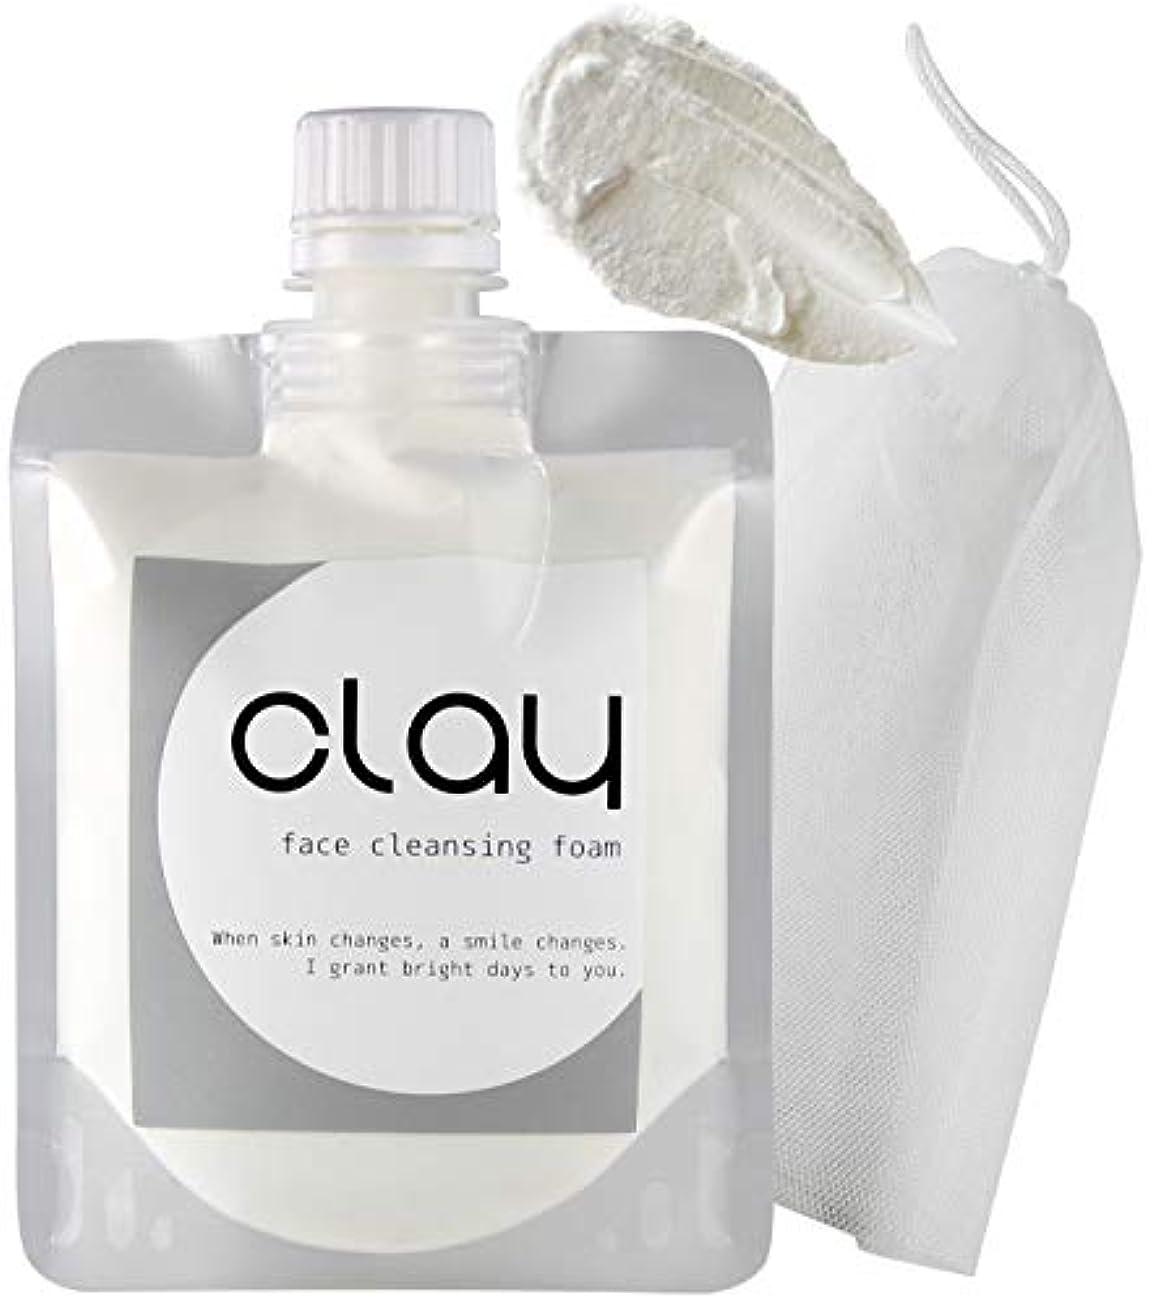 フルーツ遠足ウェイターSTAR'S クレイ 泥 洗顔 オーガニック 【 毛穴 黒ずみ 開き ザラ付き 用】「 泡 ネット 付き」 40種類の植物エキス 16種類の美容成分 9つの無添加 透明感 柔肌 130g (Clay)